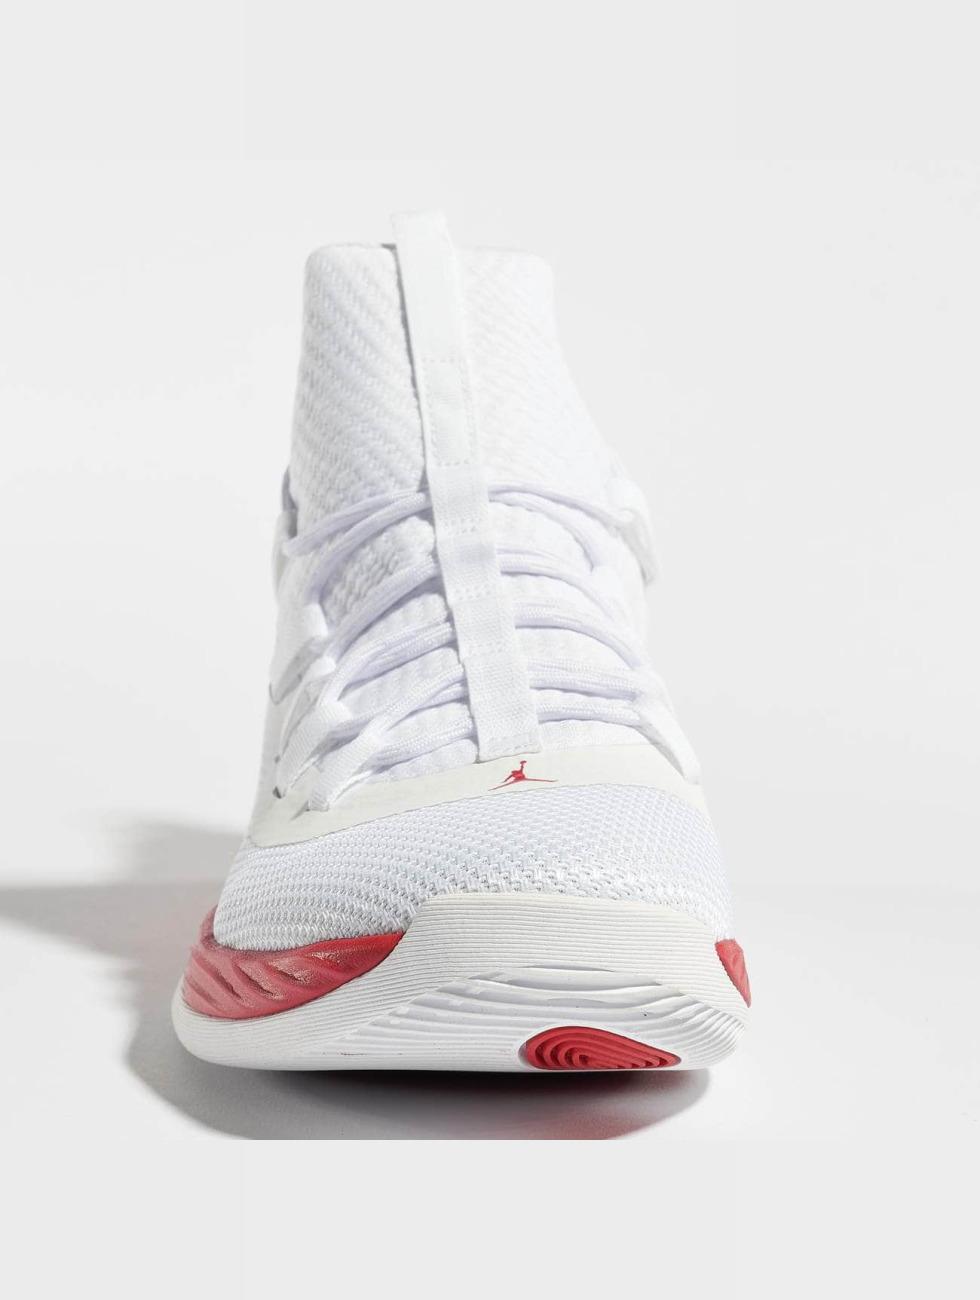 Jordan schoen / sneaker Ultra Fly 2 Low Basketball in wit 444637 Goedkope Koop Foto Kopen Goedkope Betalen Met Visa Uitlaatopening Store Goedkoop Verkennen TTm7BV